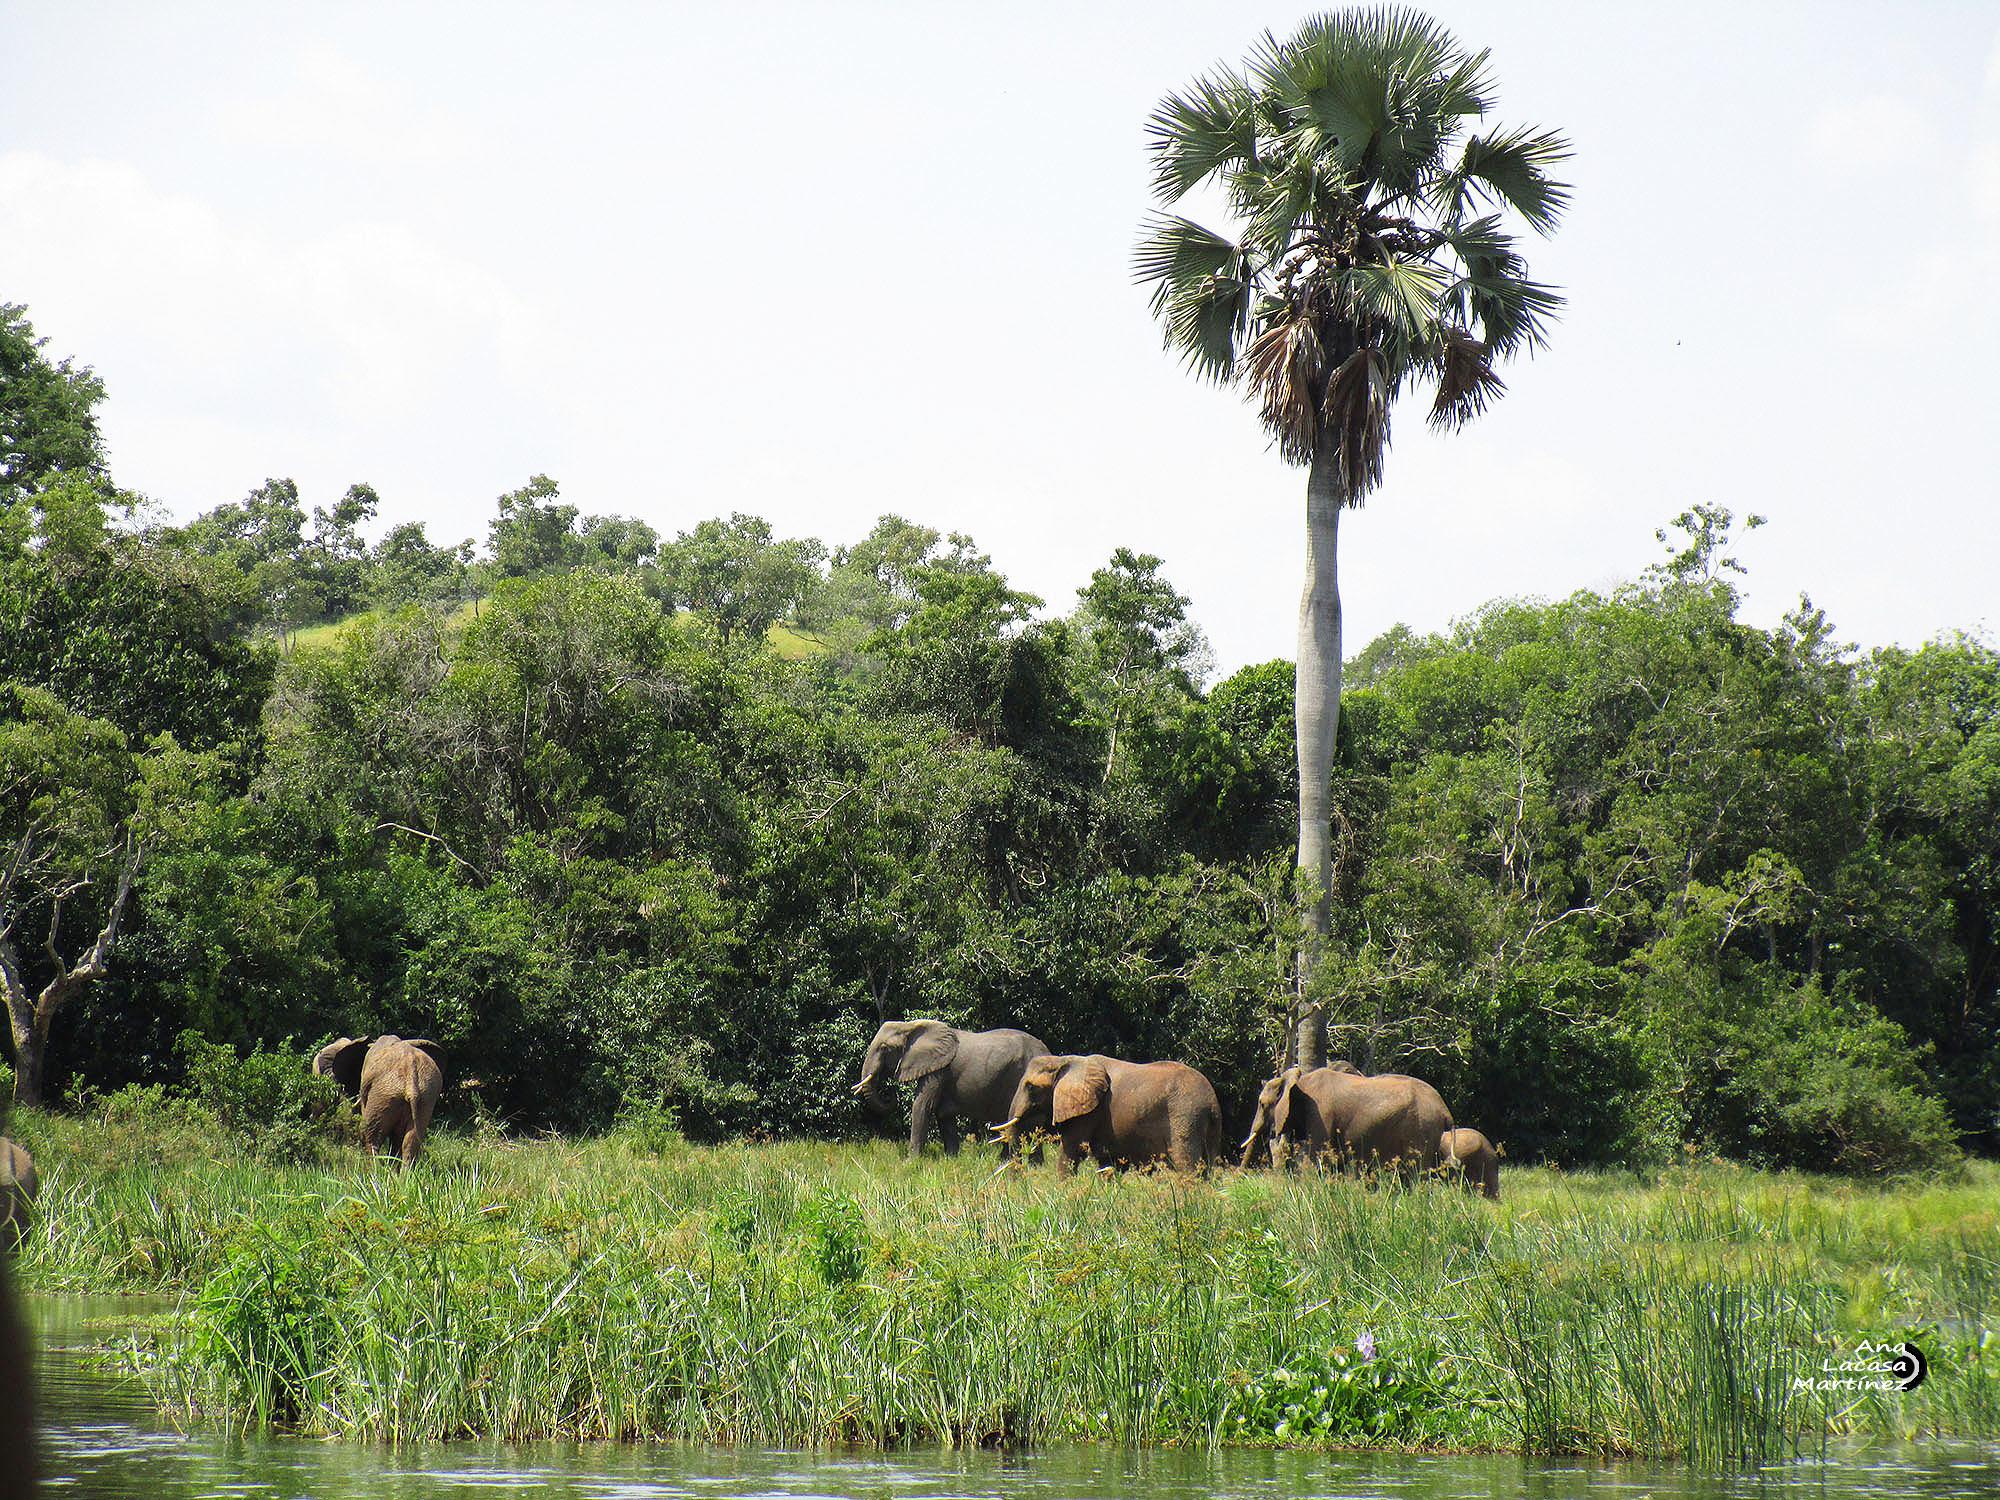 Una manada de elefantes se cruzó a lo lejos